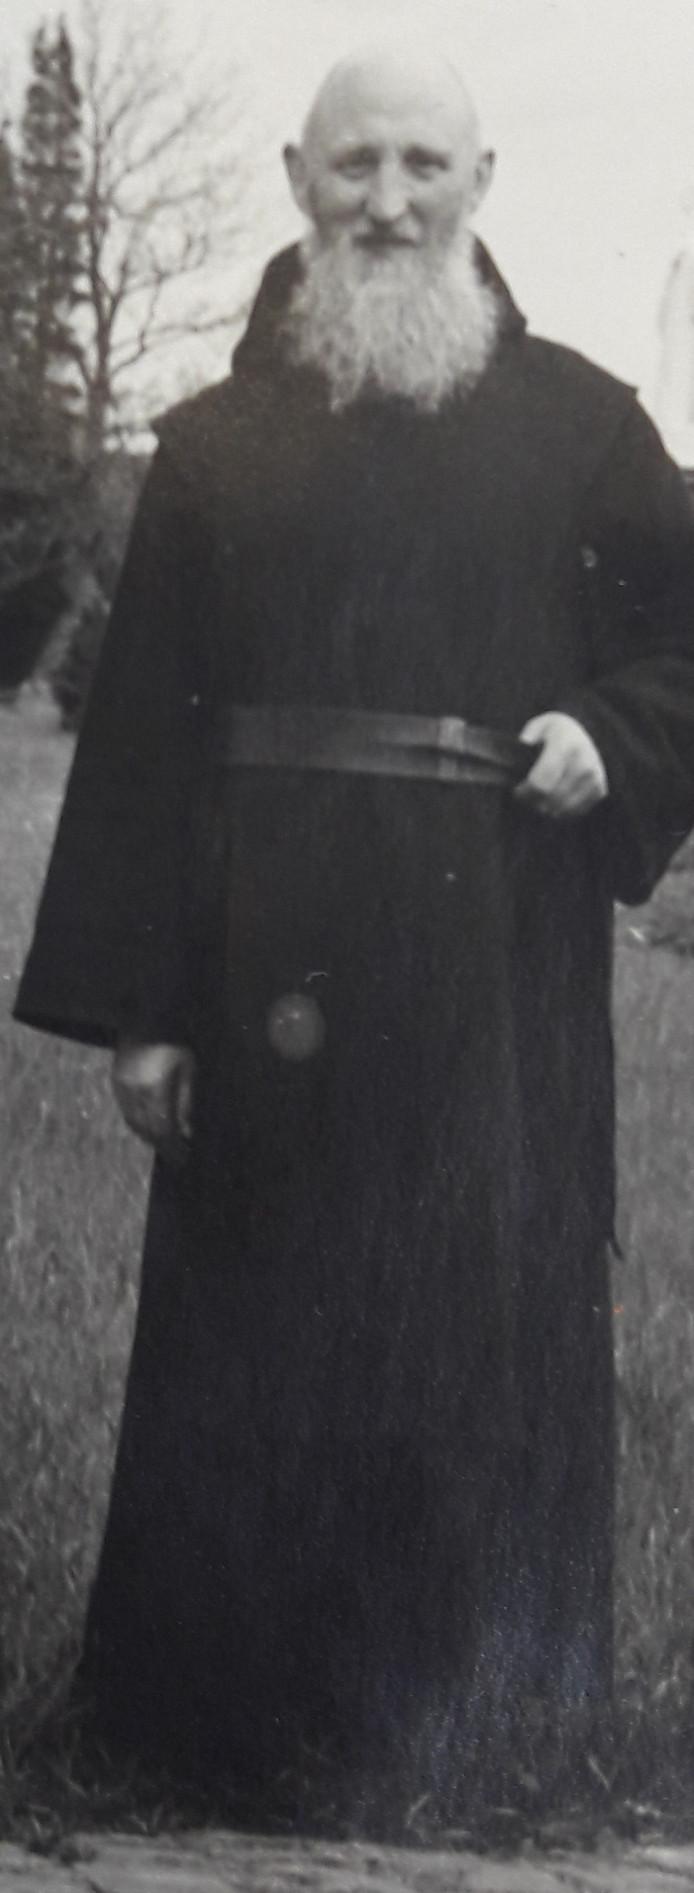 Broeder Stanislaus, trappist van Koningshoeven, diende de Duitse keizer, de Führer en Onze Lieve Heer.